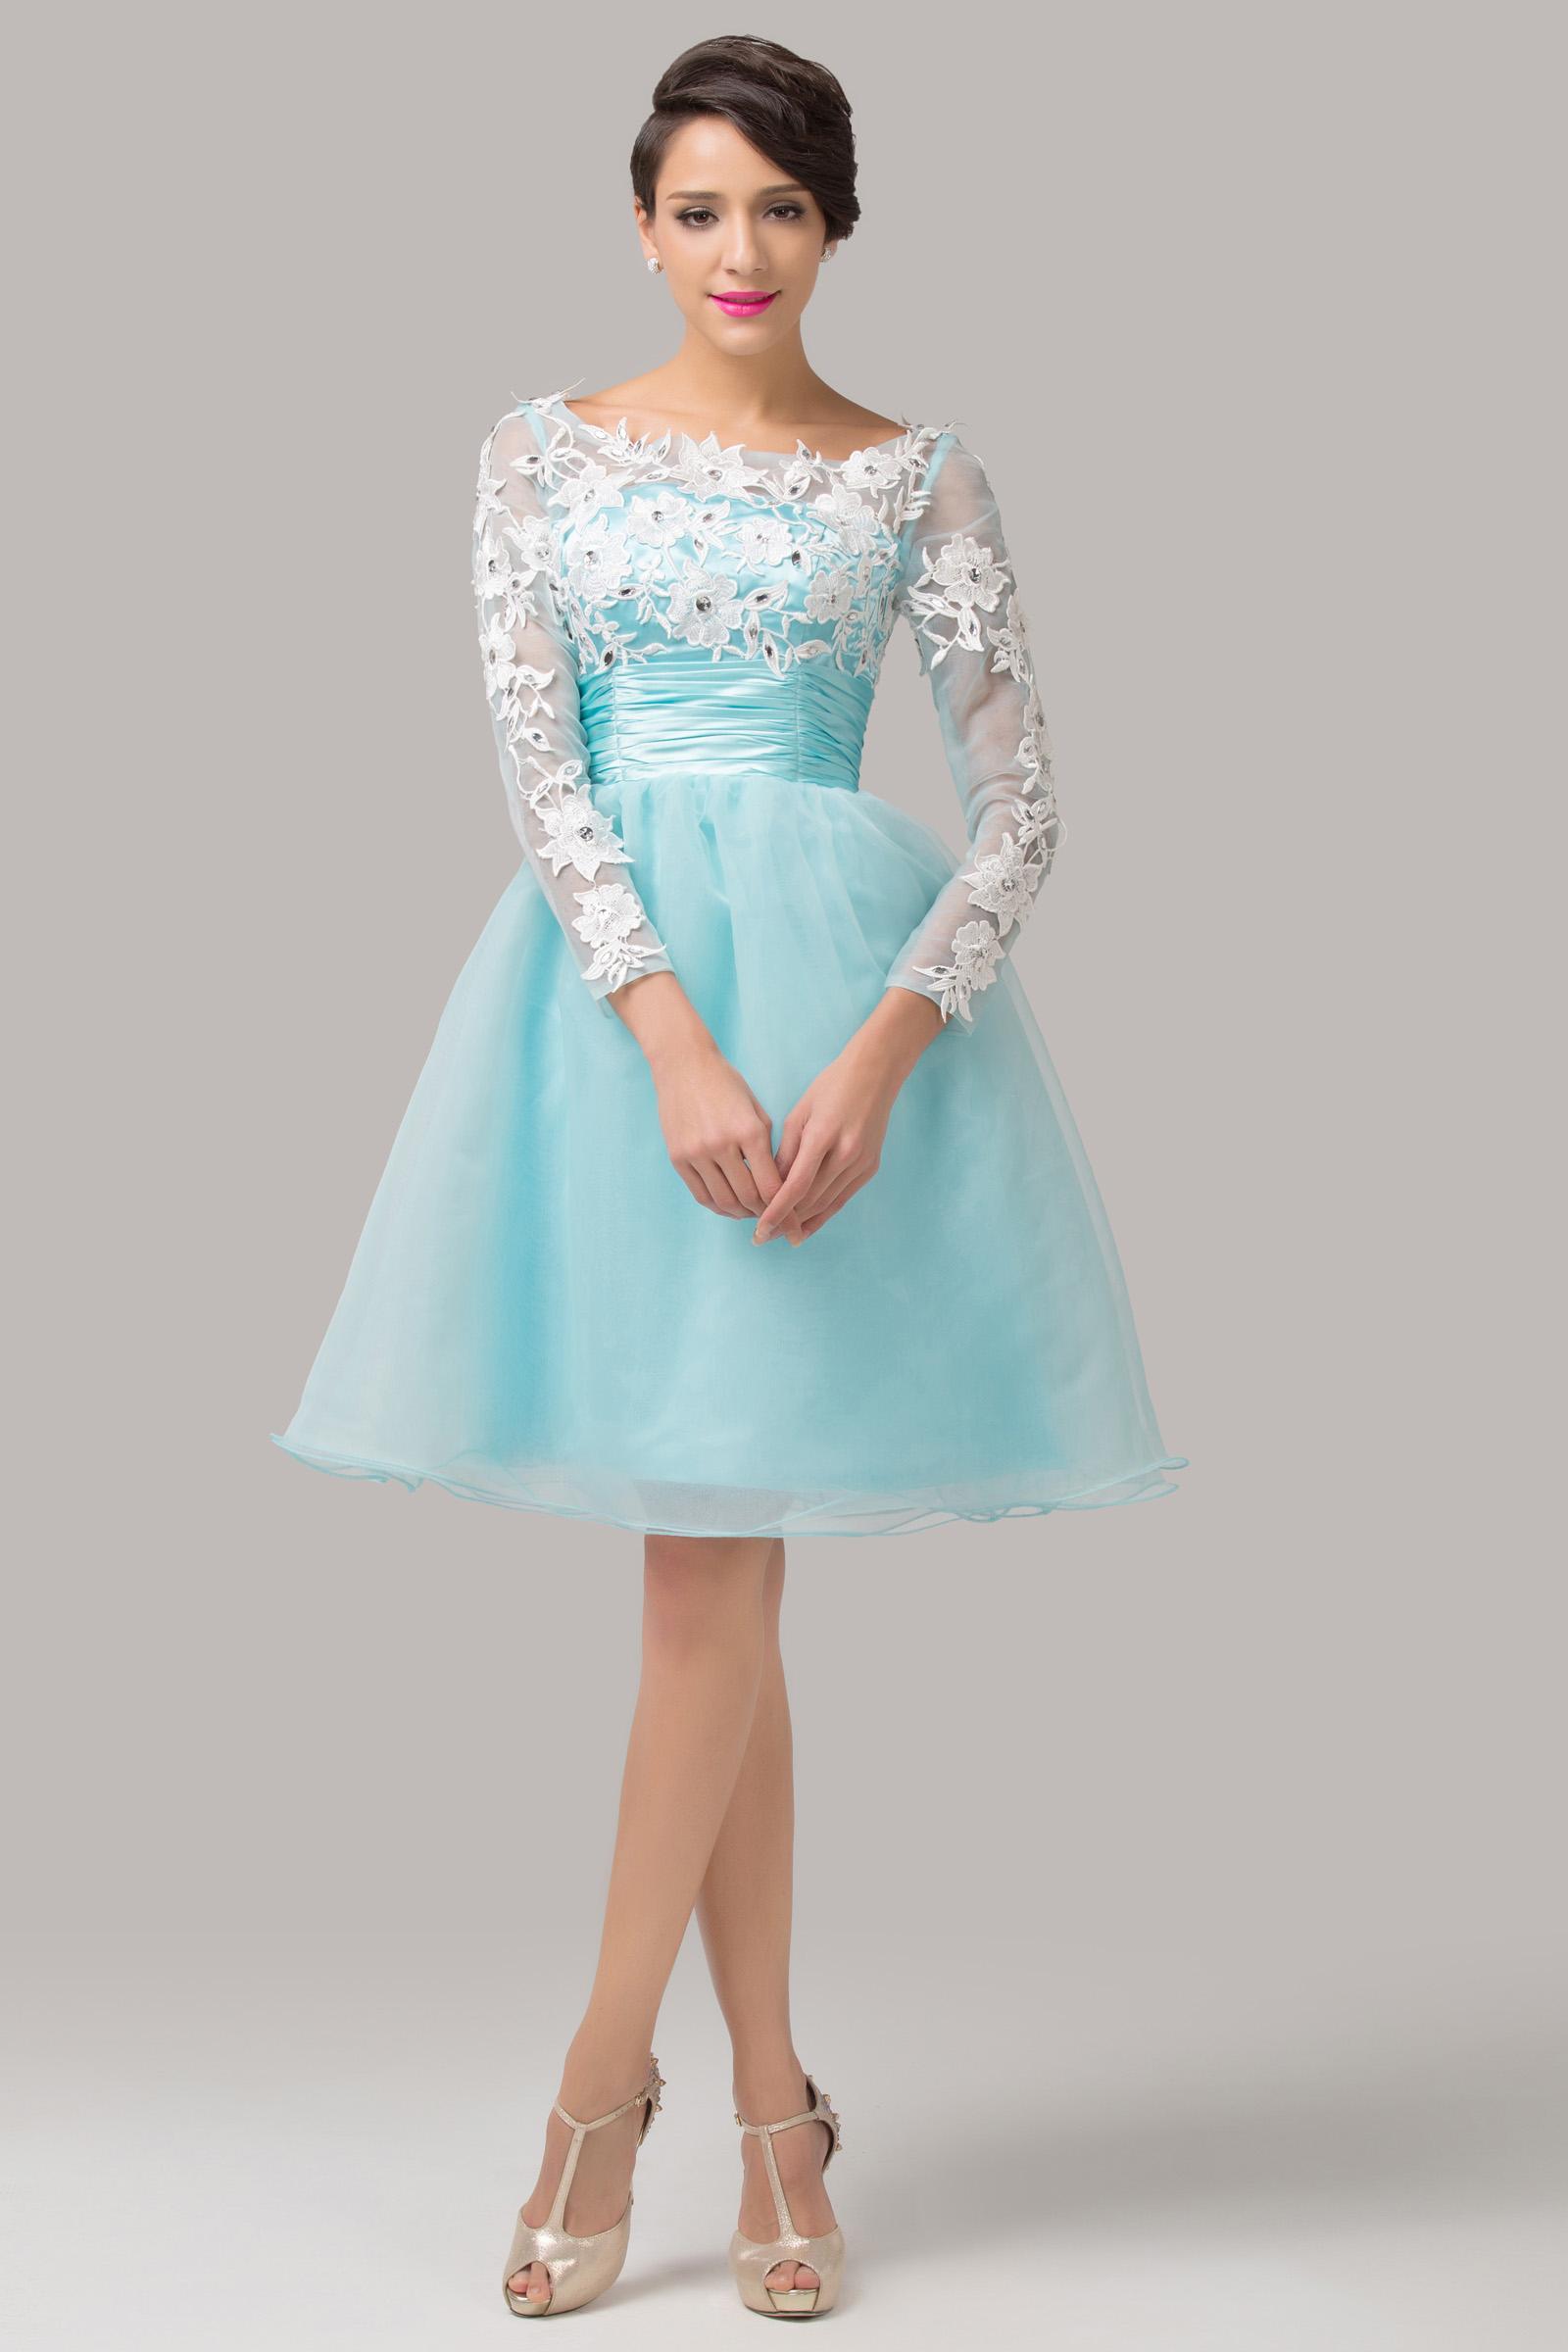 صورة فساتين سهرات قصيرة , فستان سواريه